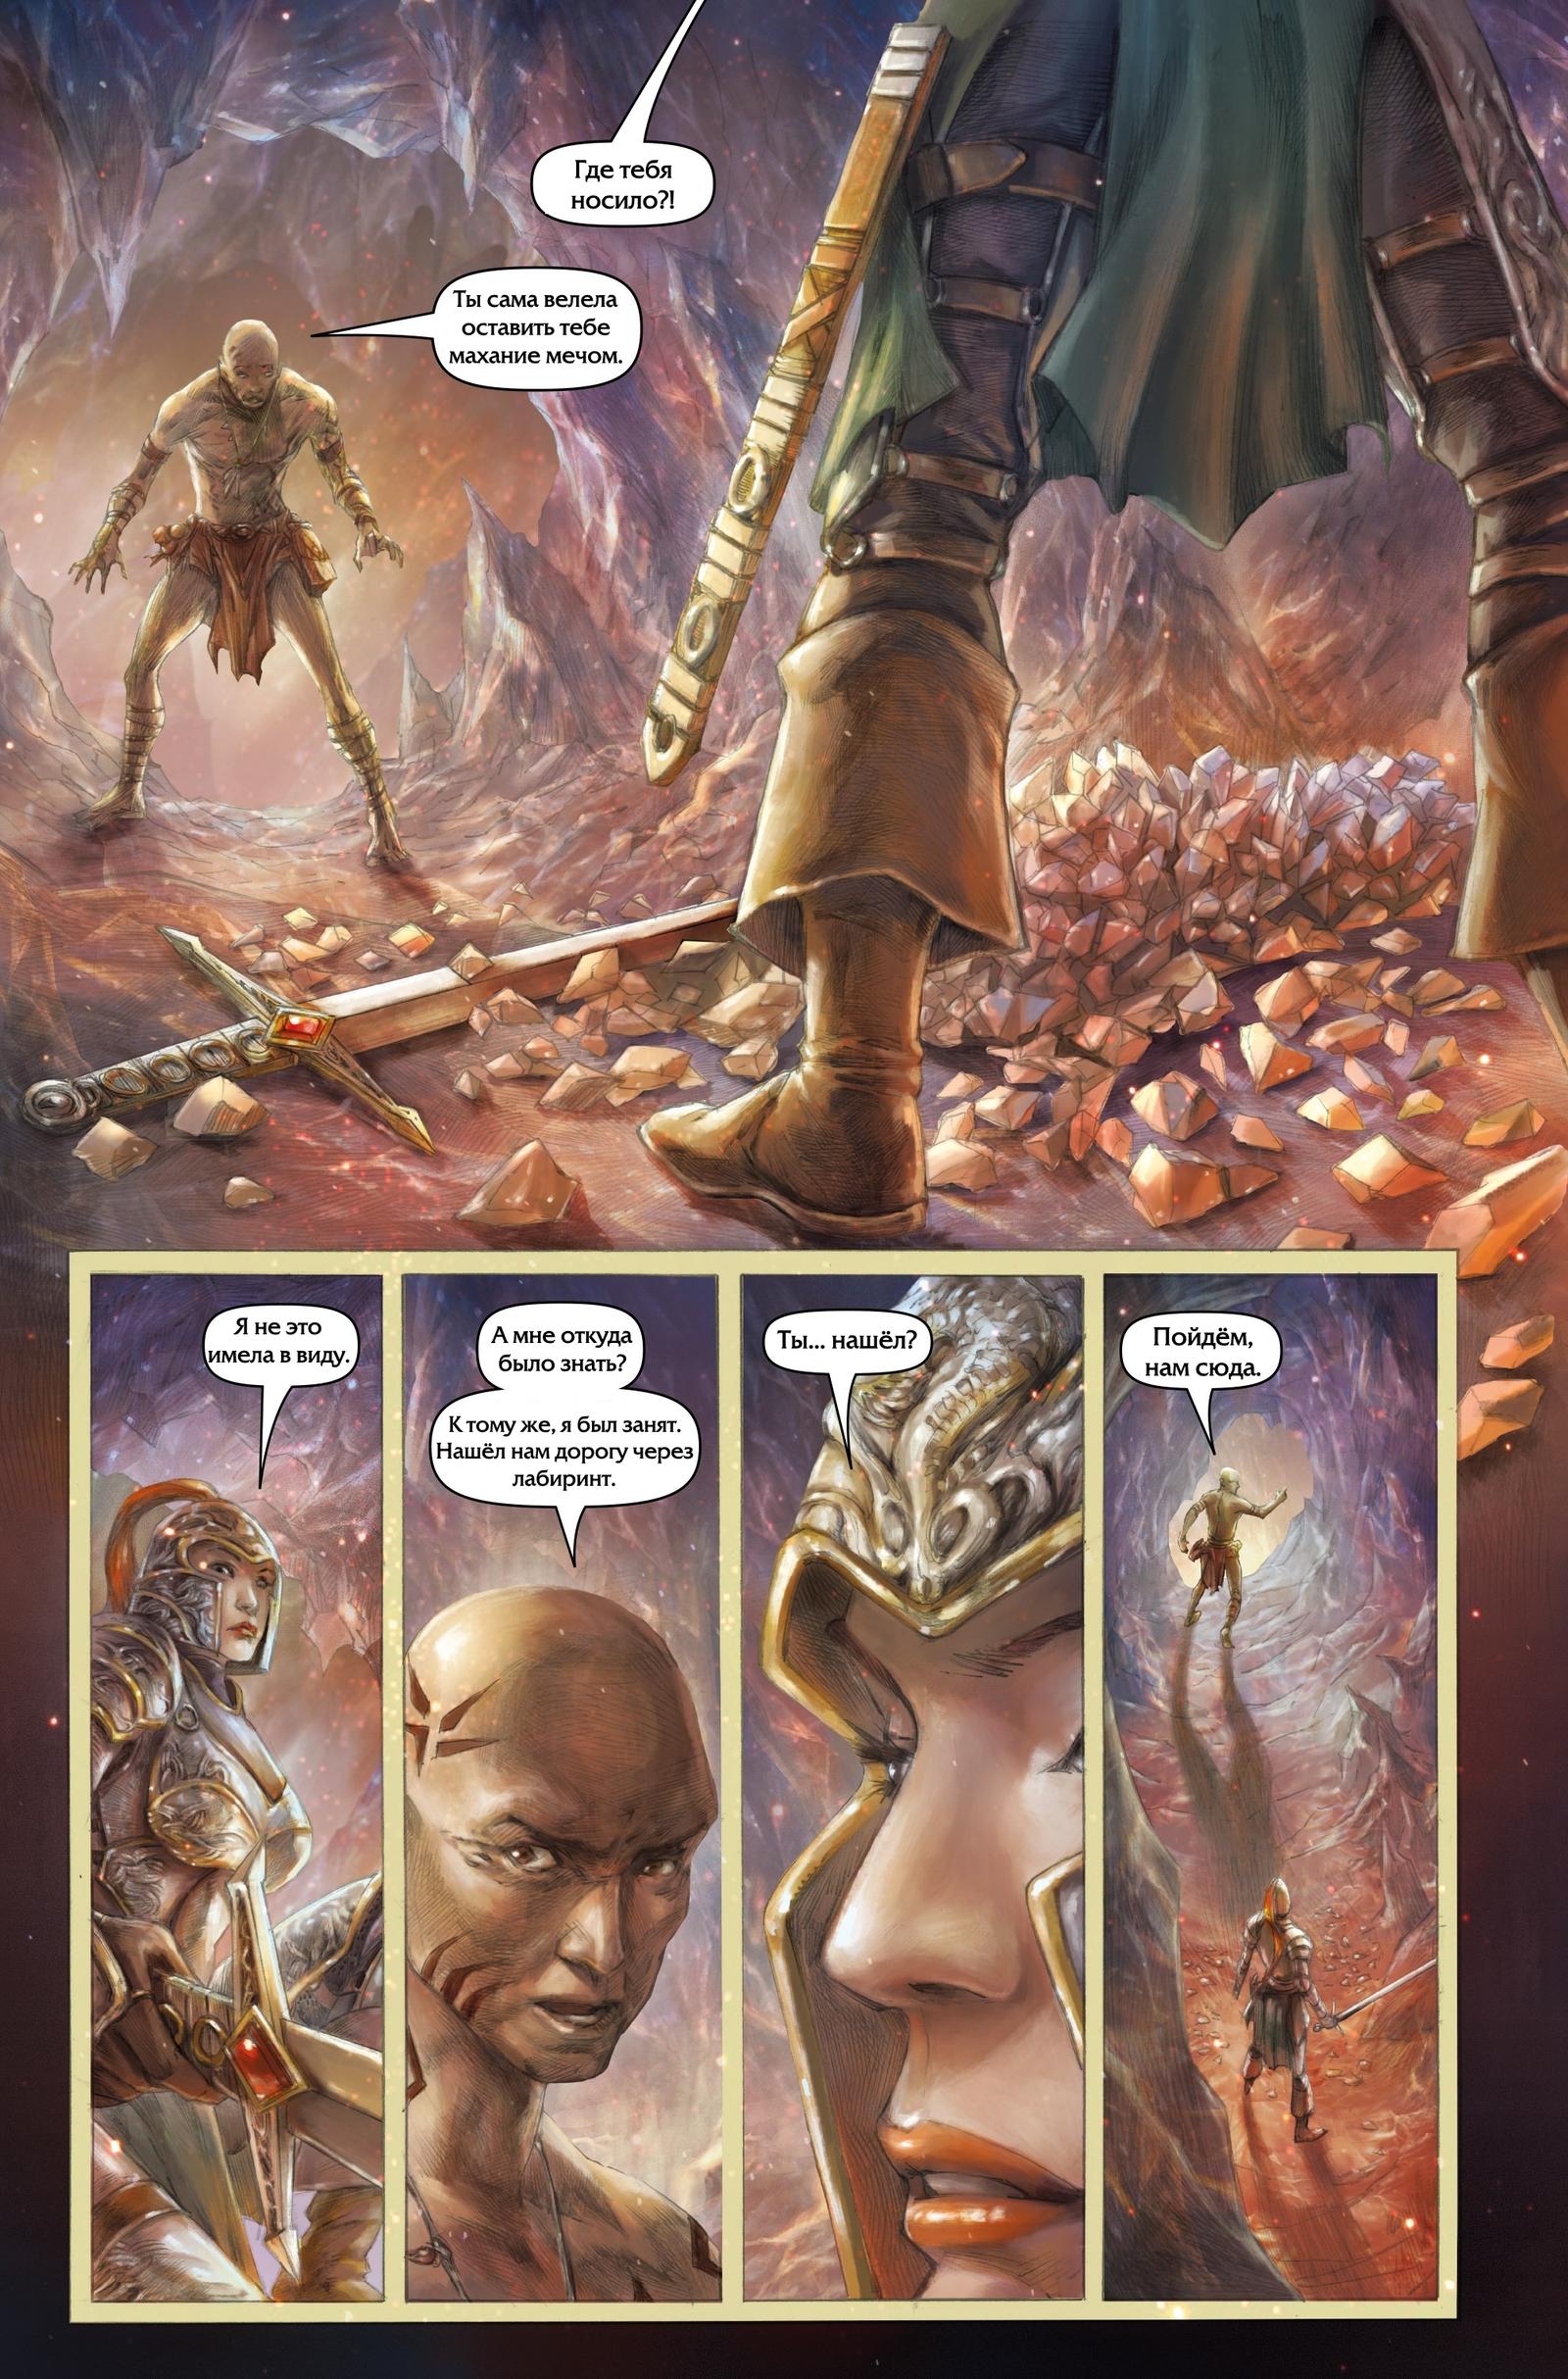 Немного комиксов по Dark Souls.(часть 1) - Изображение 13